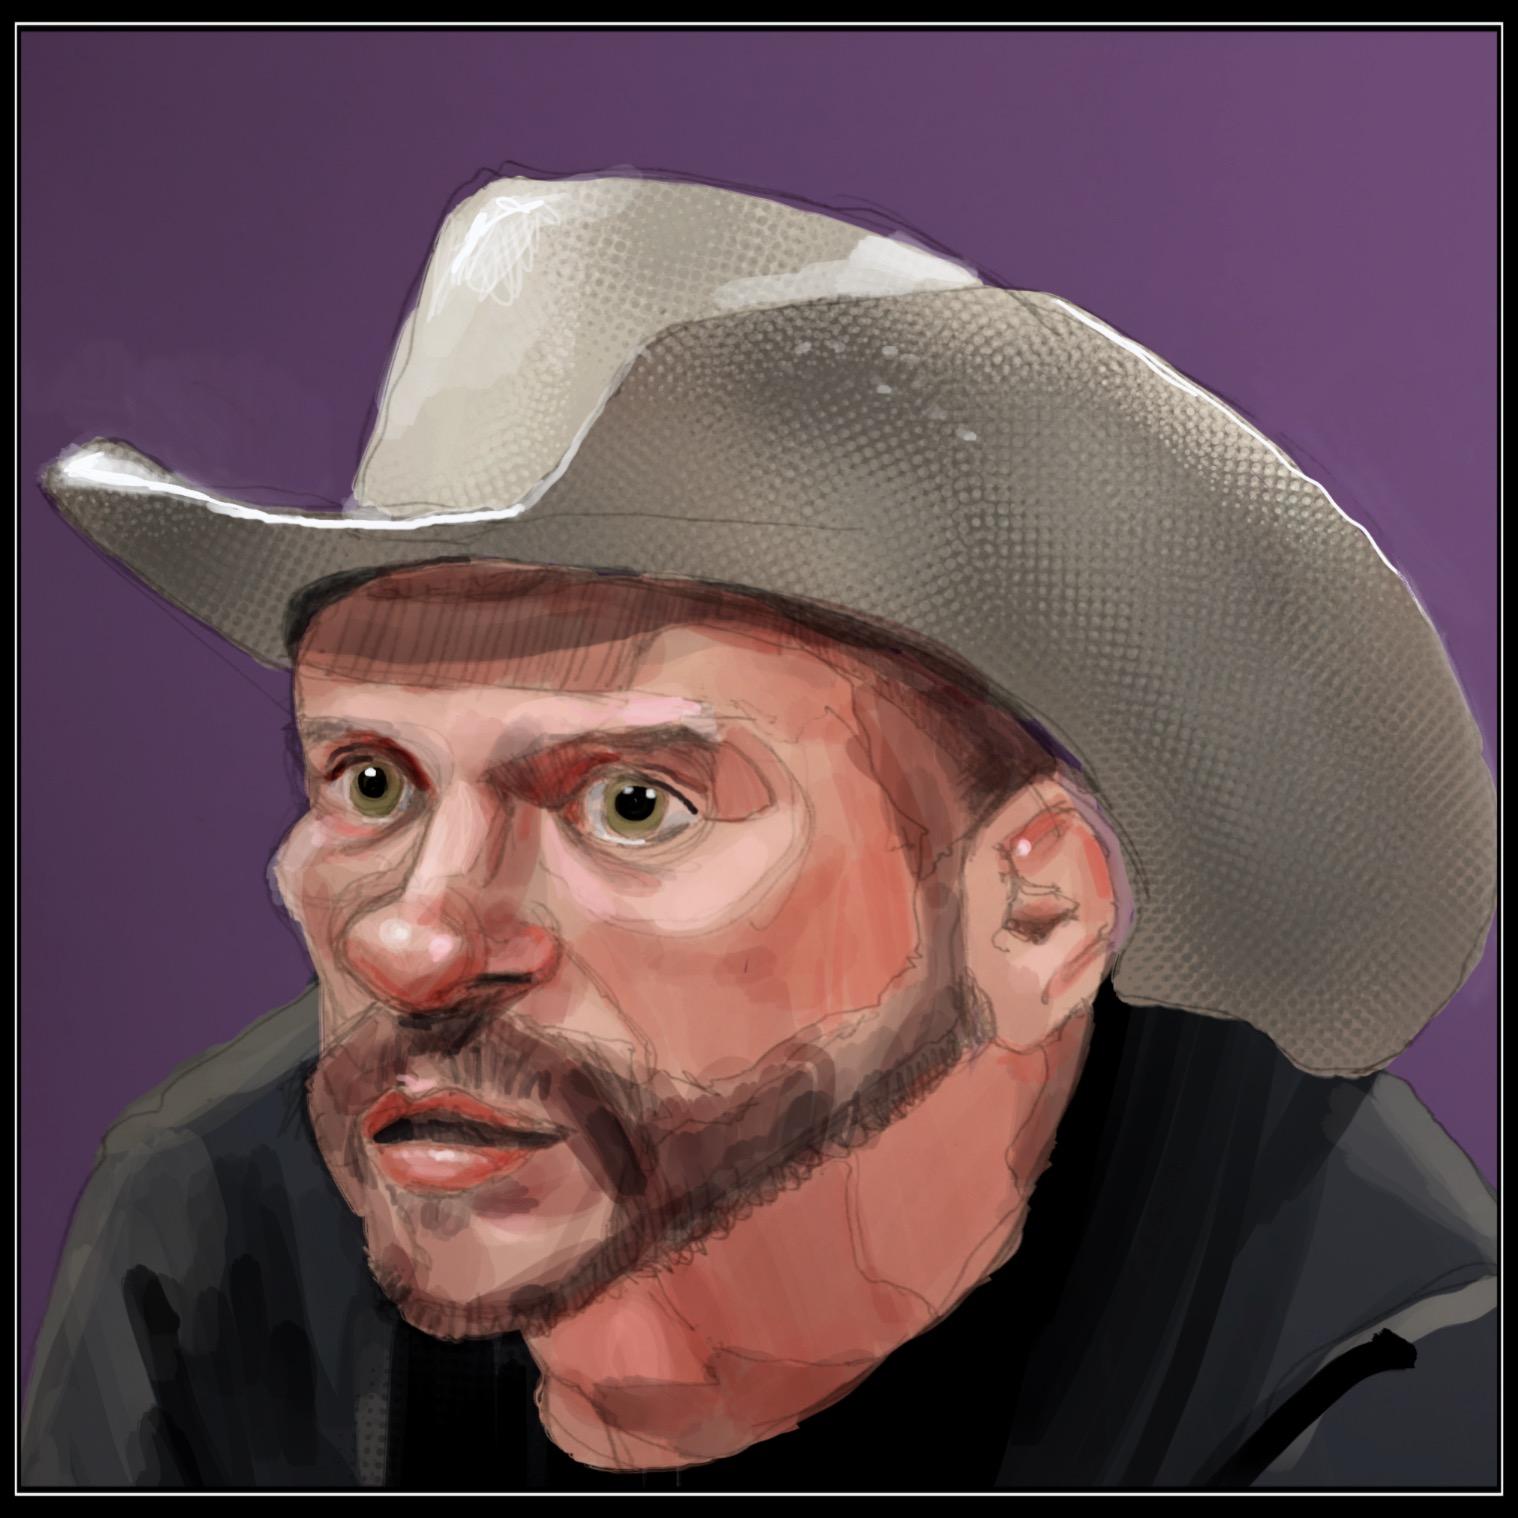 """Donald """"Cowboy"""" Cerrone; mma fighter"""